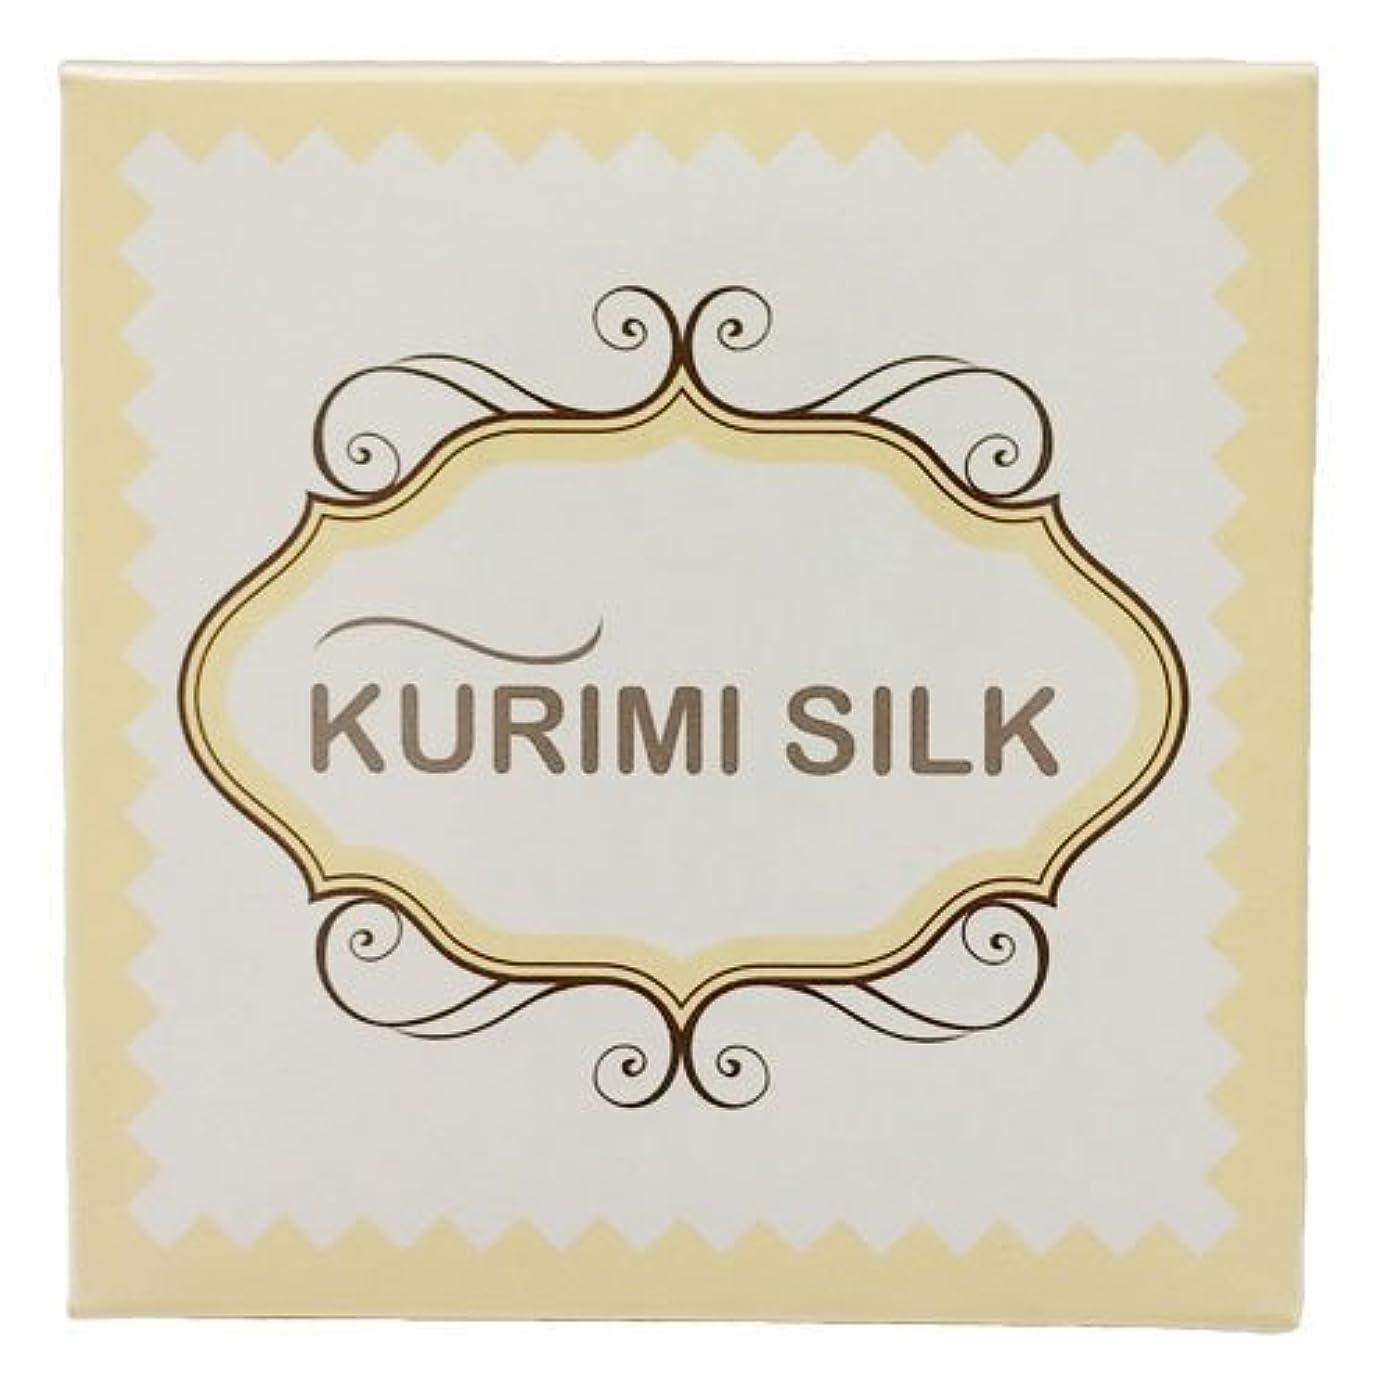 核正気知事KURIMI SILK クリミシルク 美白?保湿(わくねり化粧石けん) (1個)